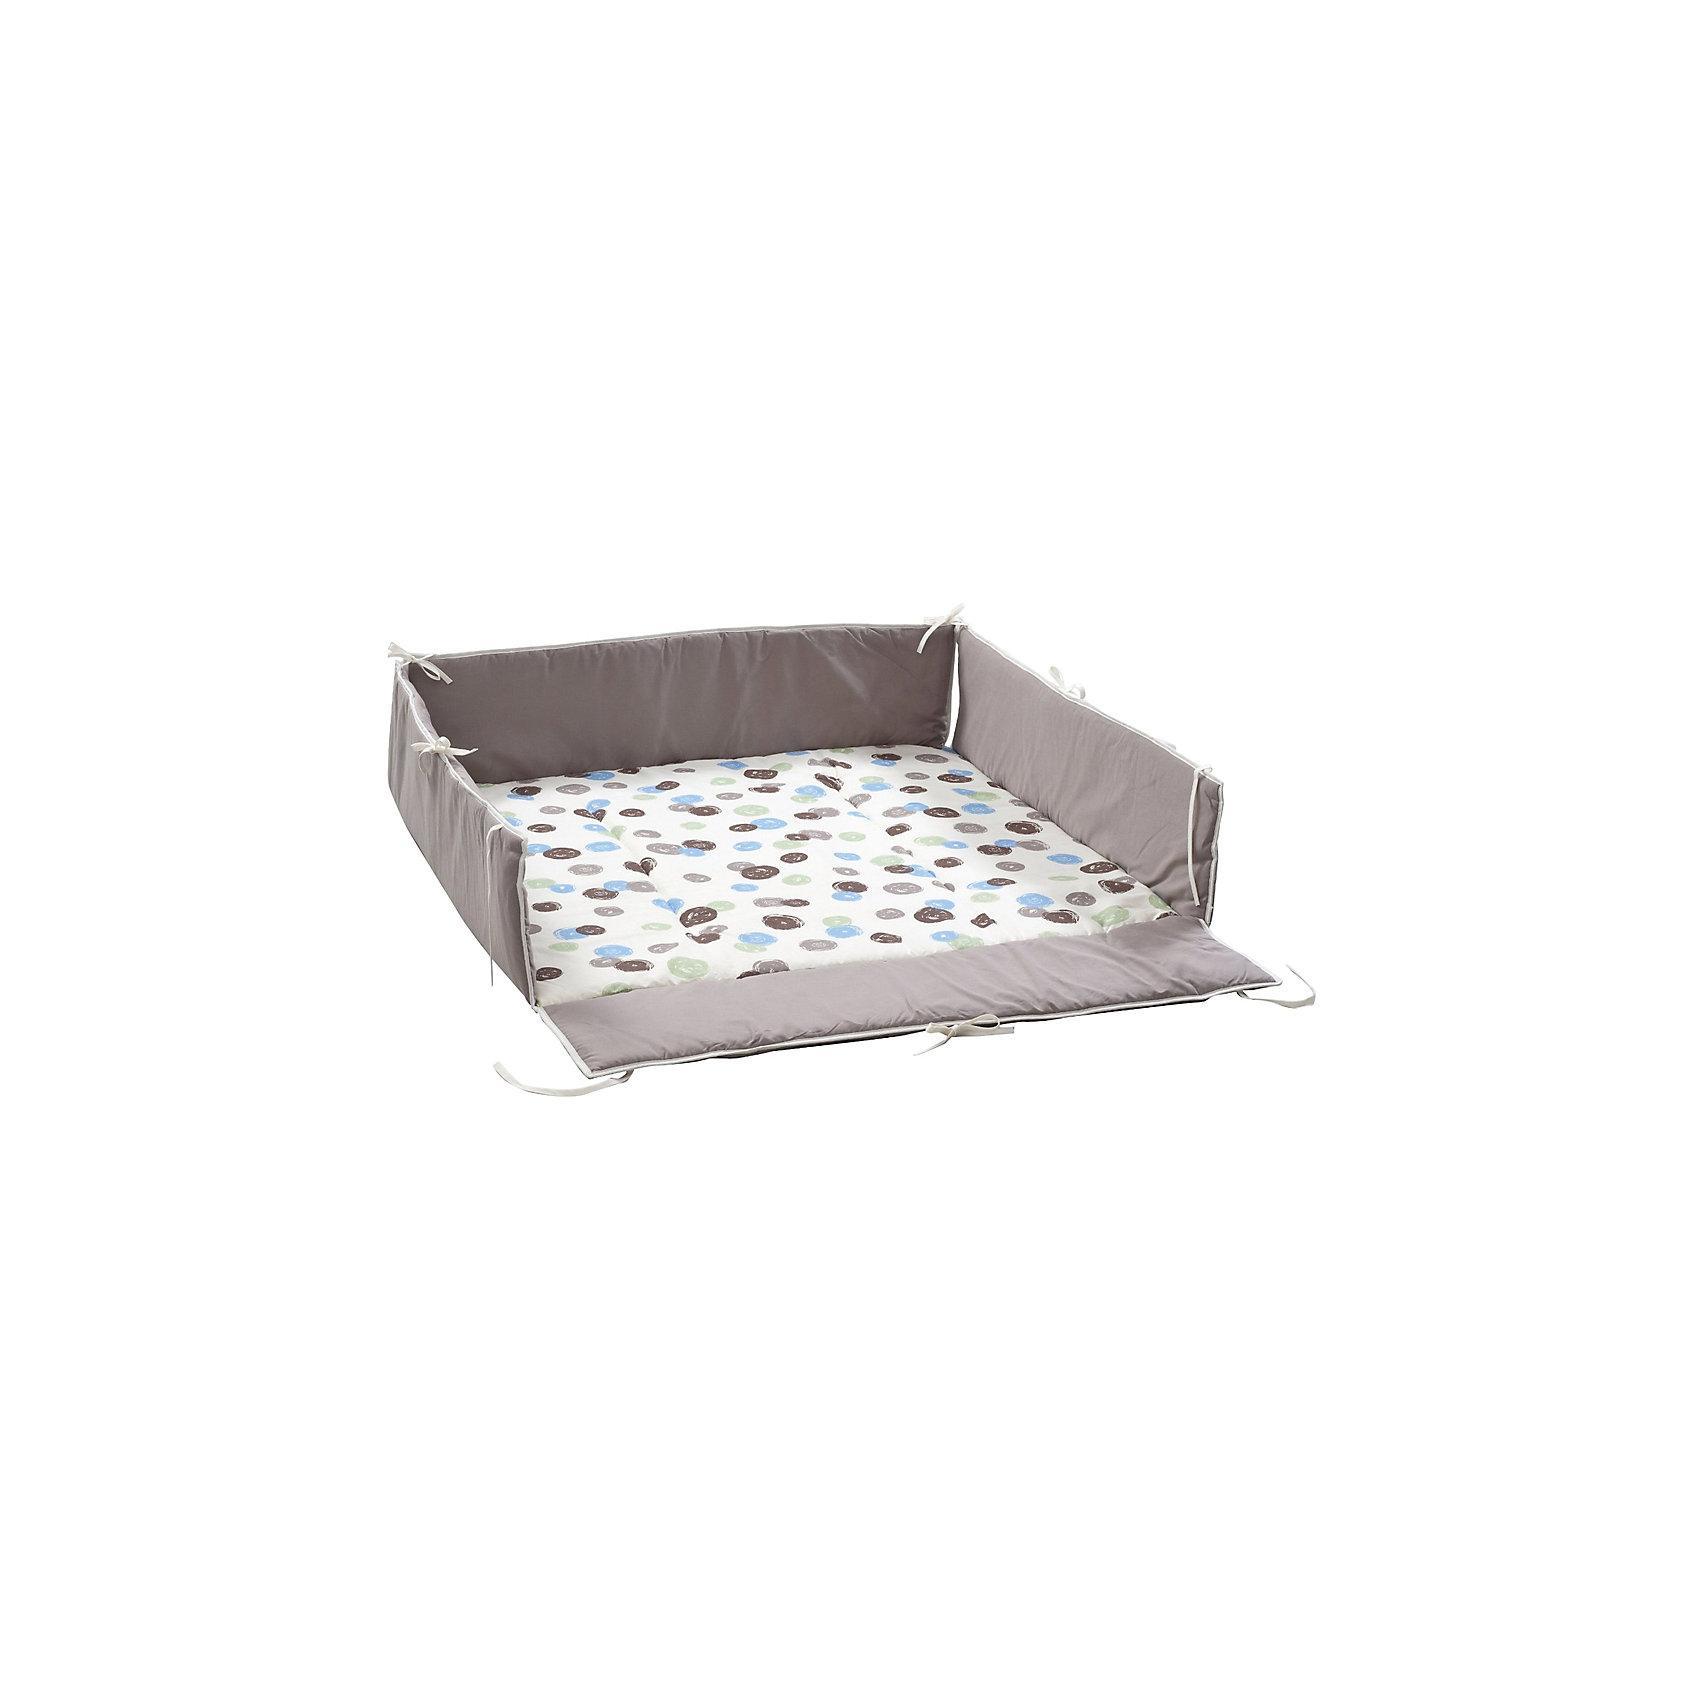 Бампер, простыня для кровати-манеж Lucilee, GeutherПостельное бельё<br>Бампер, простыня для кровати-манеж Lucilee, Geuther<br><br>Характеристики:<br>- Материал: хлопок<br>- Наполнитель: полиэстер<br>- Машинная стирка: доступна<br>- Размер: 120 * 33 * 60 см.<br>- Вес: 1 кг.<br>Бампер, простыня для кровати-манеж Lucilee от немецкого бренда, Geuther (Гётер) станет отличным дополнением к вашему манежу, обеспечит мягкость и уют малыша во время игры и сна, а также защитит от сквозняков. Симпатичный дизайн с деталями зеленого, синего и коричневого цветов подойдет как мальчикам, так и девочкам. Нейтральный фон будет хорошо смотреться в любом интерьере комнаты ребенка. Созданный специально для манежа Lucilee (Люсиль), бампер идеально заполняет всю поверхность и фиксируется надежными завязками. Отличное немецкое качество бампера обеспечит необходимую заботу о крохе.<br><br>Бампер, простыня для кровати-манеж Lucilee, Geuther (Гётер) можно купить в нашем интернет-магазине.<br>Подробнее:<br>• Для детей в возрасте: от 0 до 24 месяцев <br>• Номер товара: 5089869<br>Страна производитель: Германия<br><br>Ширина мм: 200<br>Глубина мм: 1060<br>Высота мм: 900<br>Вес г: 1400<br>Возраст от месяцев: 0<br>Возраст до месяцев: 24<br>Пол: Унисекс<br>Возраст: Детский<br>SKU: 5089869